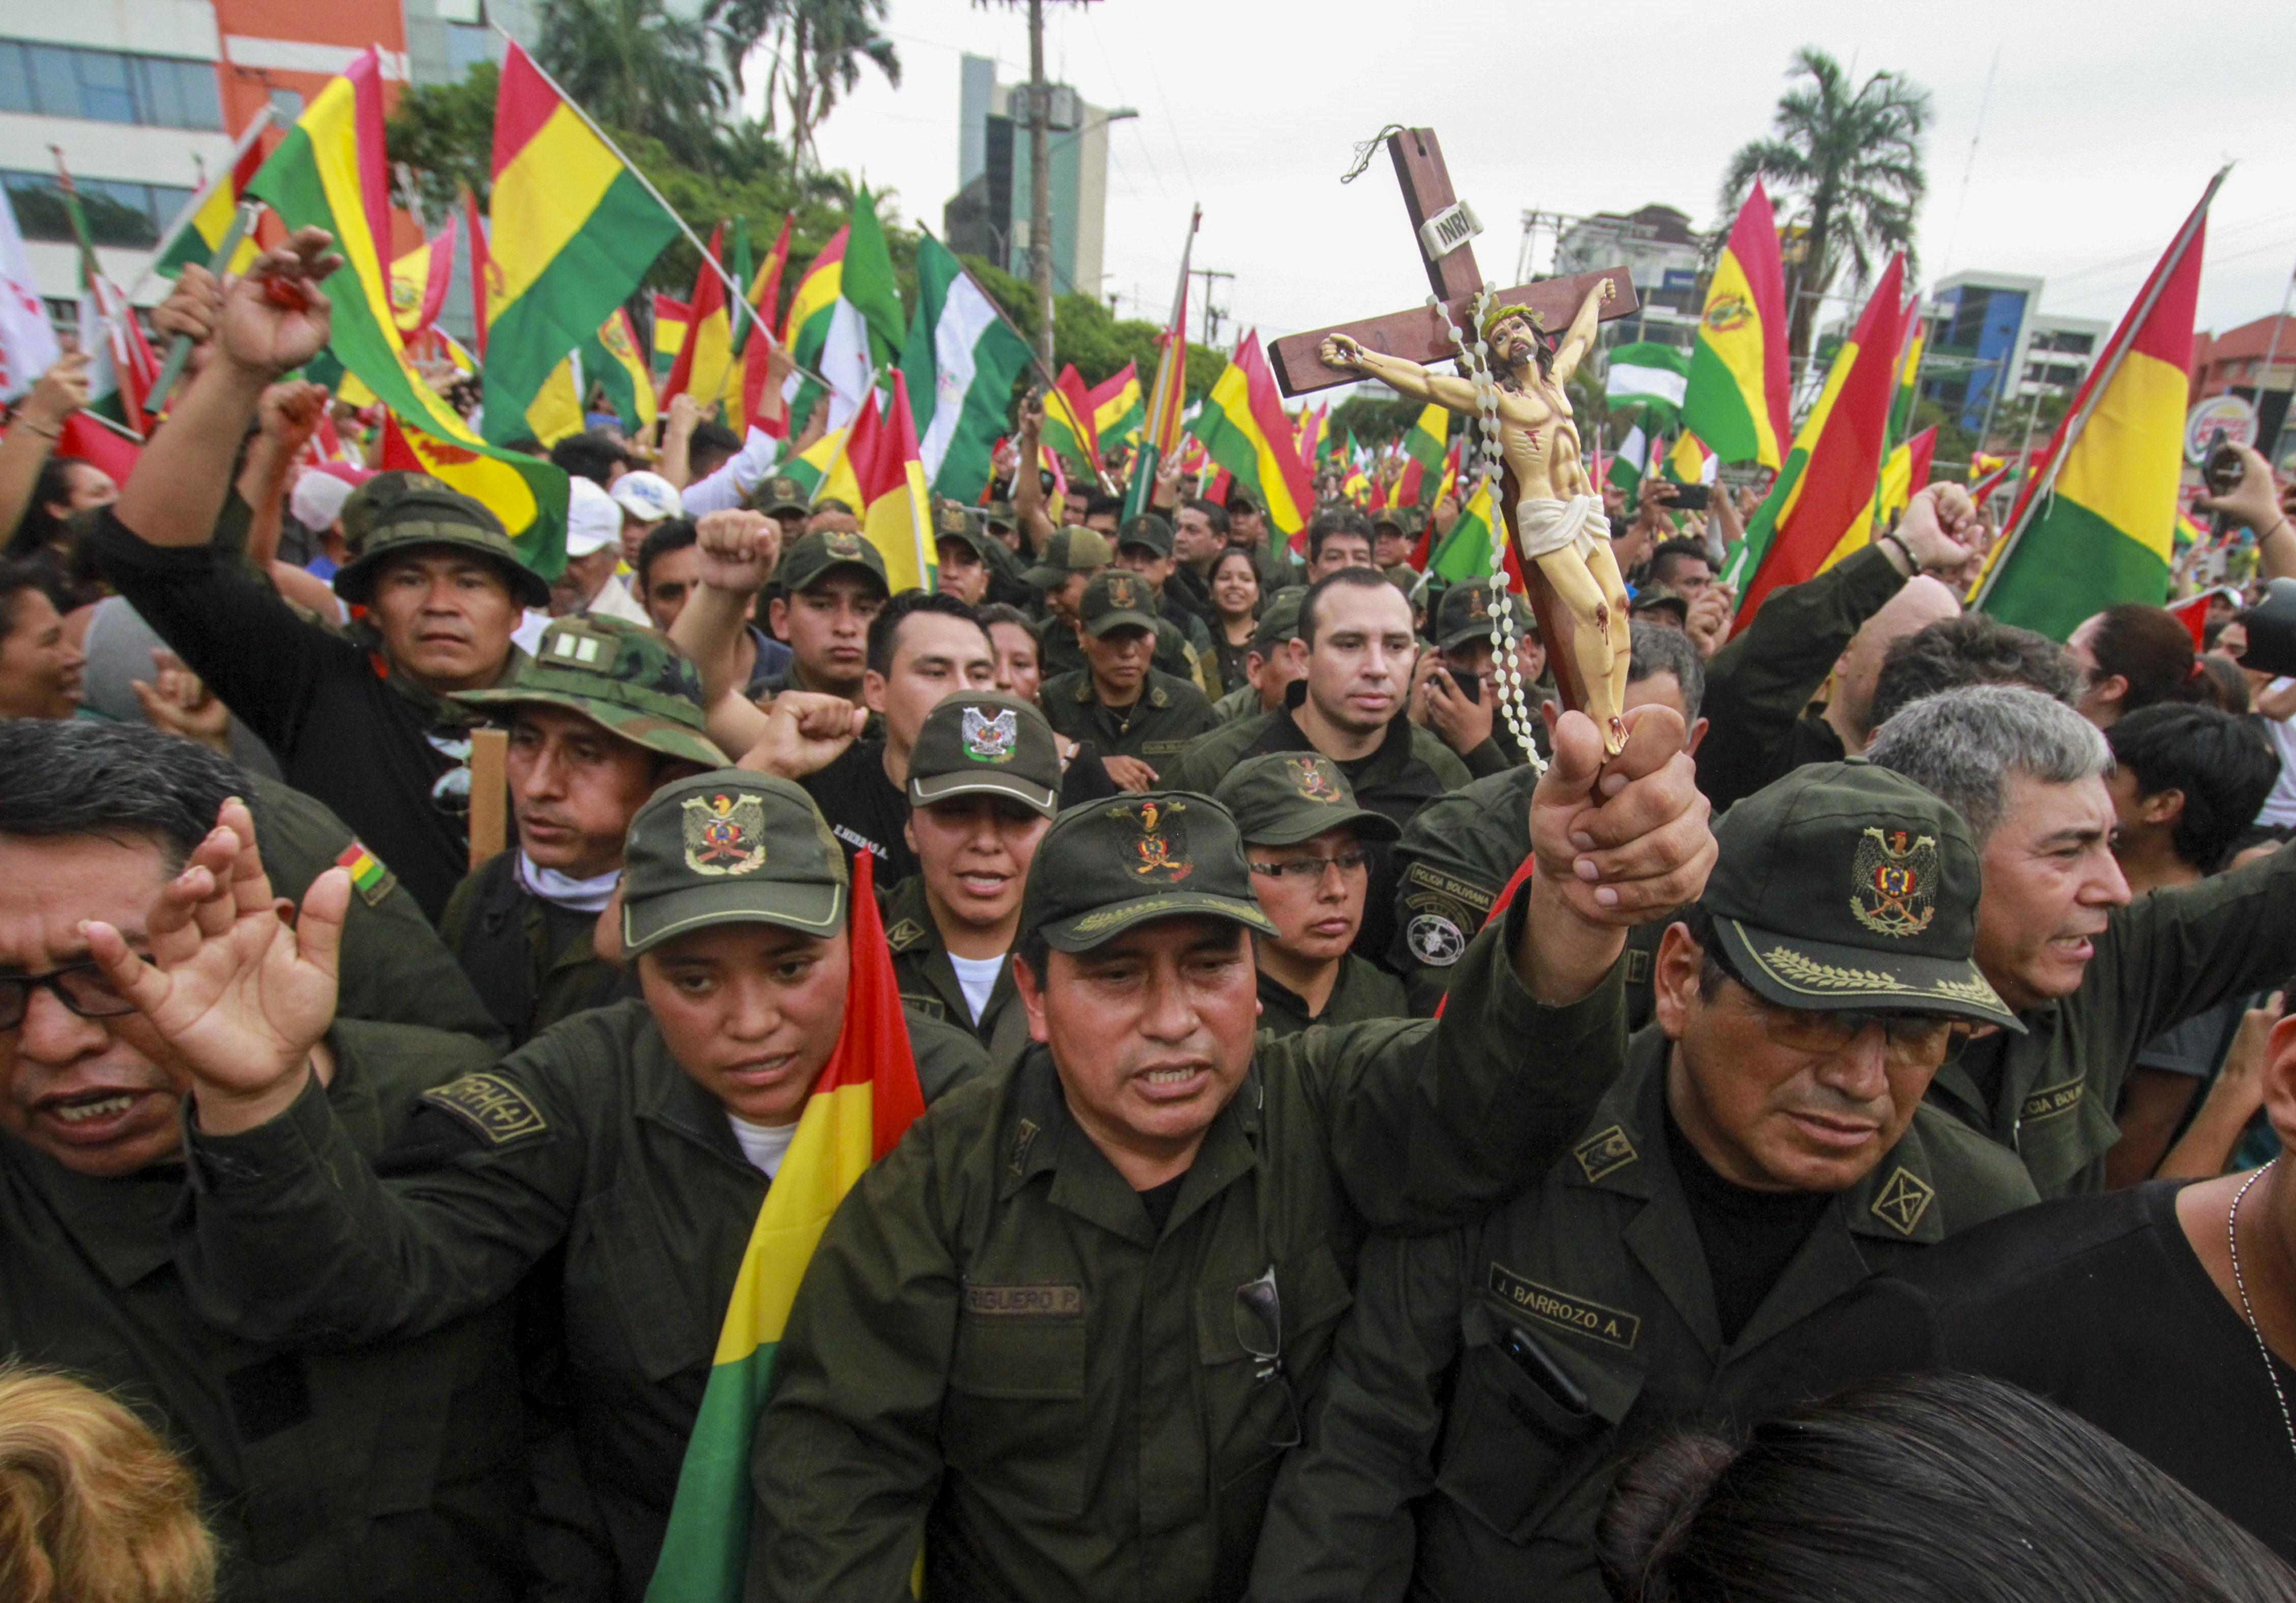 الجيش كان قد طالب موراليس بالتنحي لتحقيق مصلحة البلاد